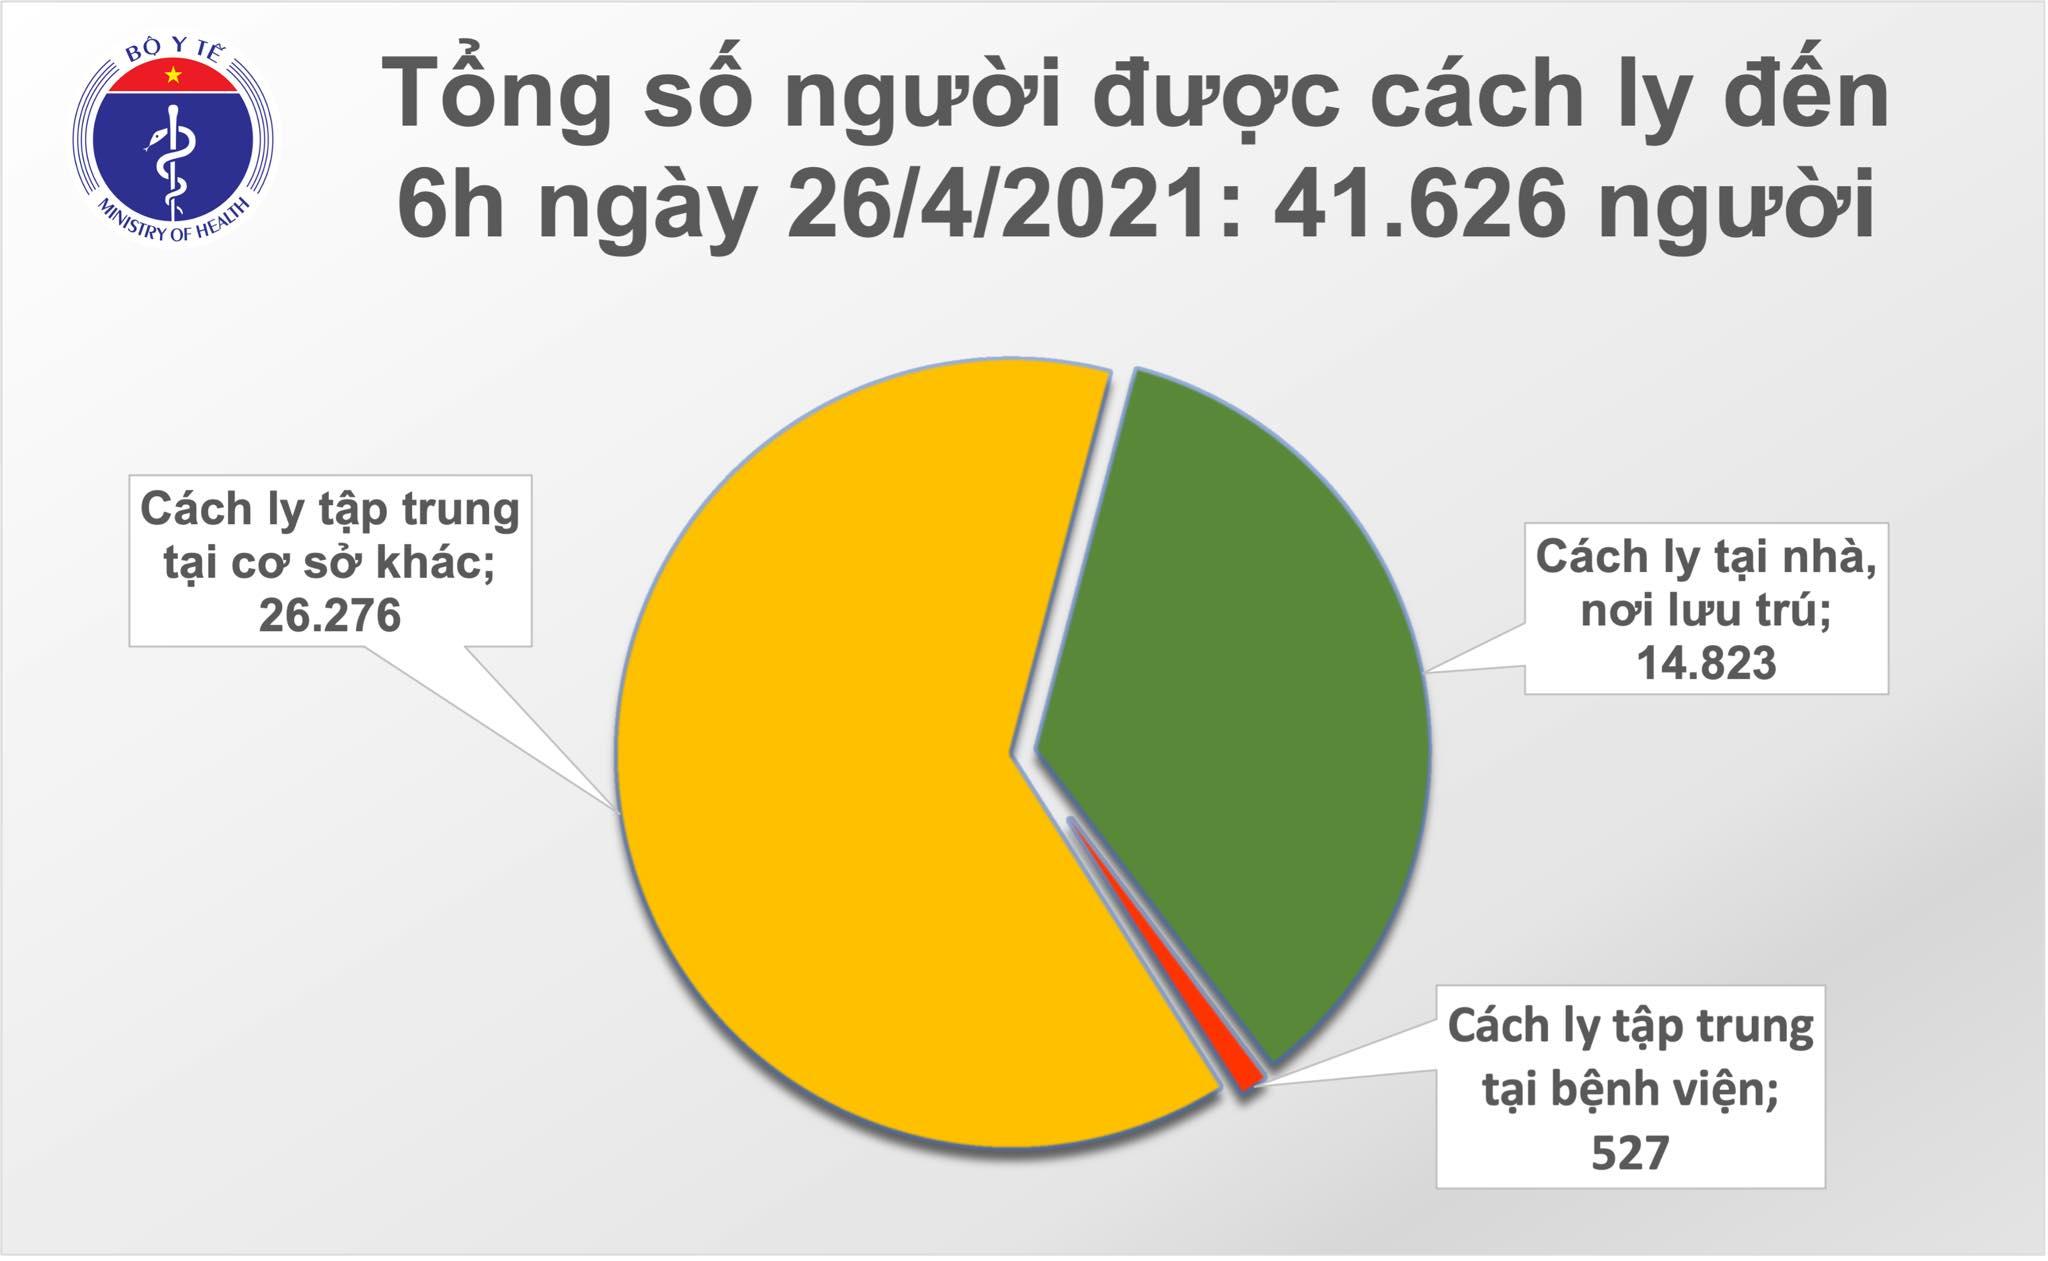 Sáng 26/4: Có 3 ca mắc COVID-19 tại Đà Nẵng và Quảng Nam - Ảnh 2.